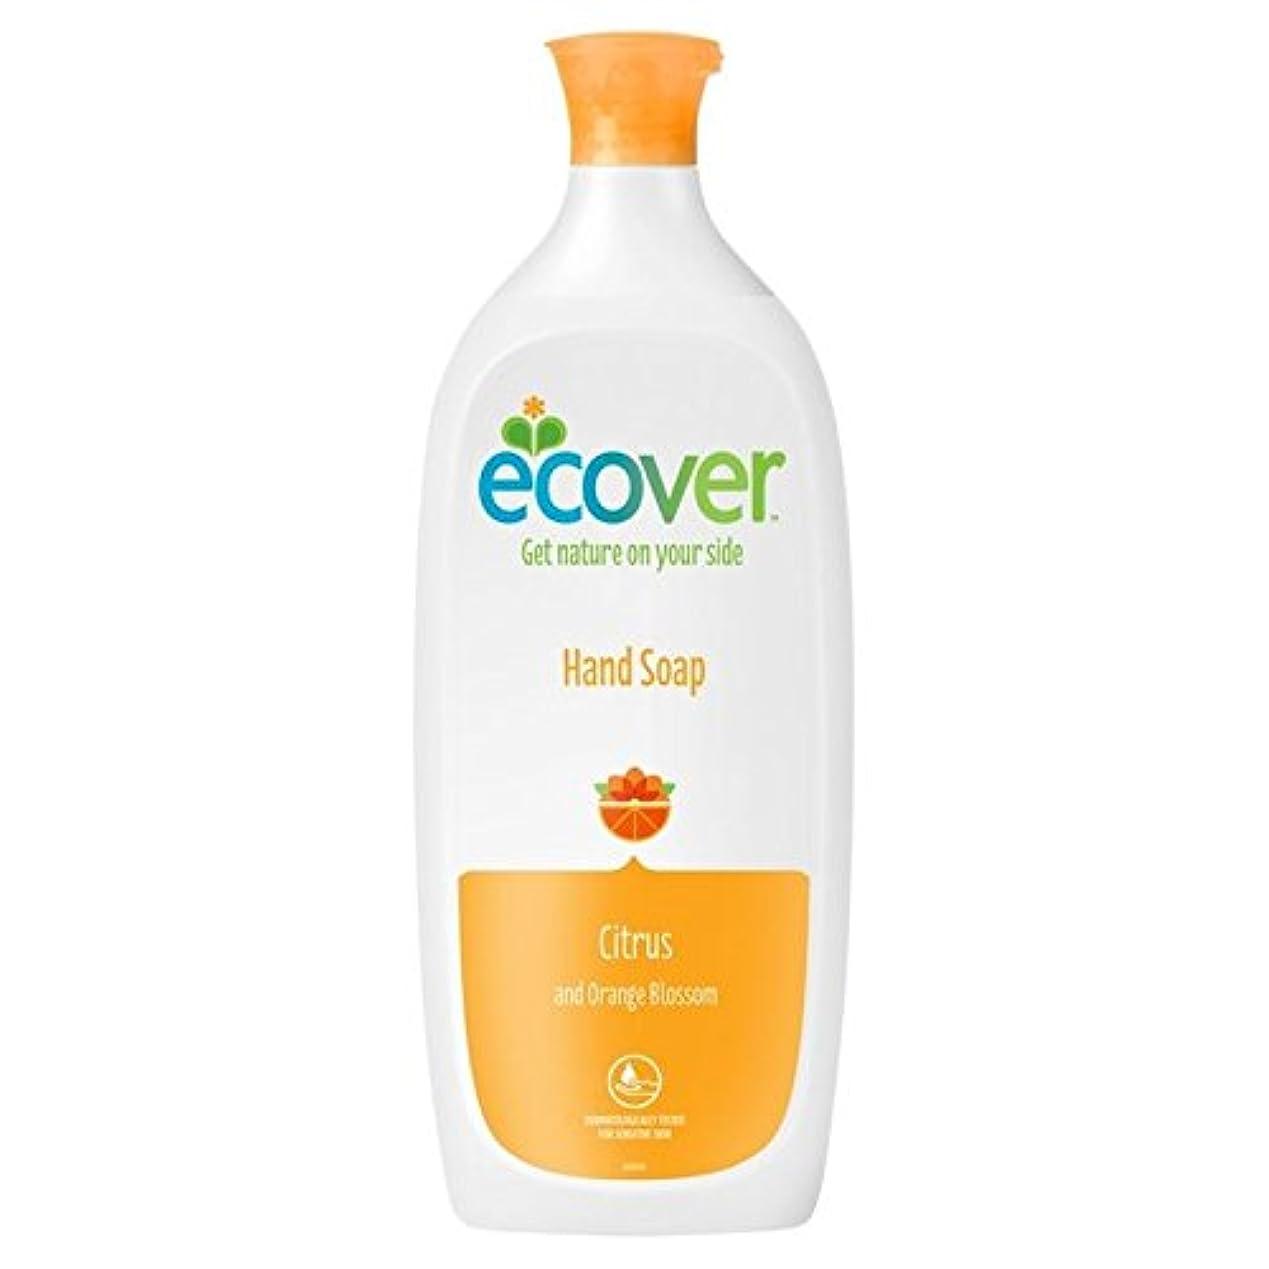 補助金ヨーグルト観客エコベール液体石鹸シトラス&オレンジの花のリフィル1リットル x4 - Ecover Liquid Soap Citrus & Orange Blossom Refill 1L (Pack of 4) [並行輸入品]